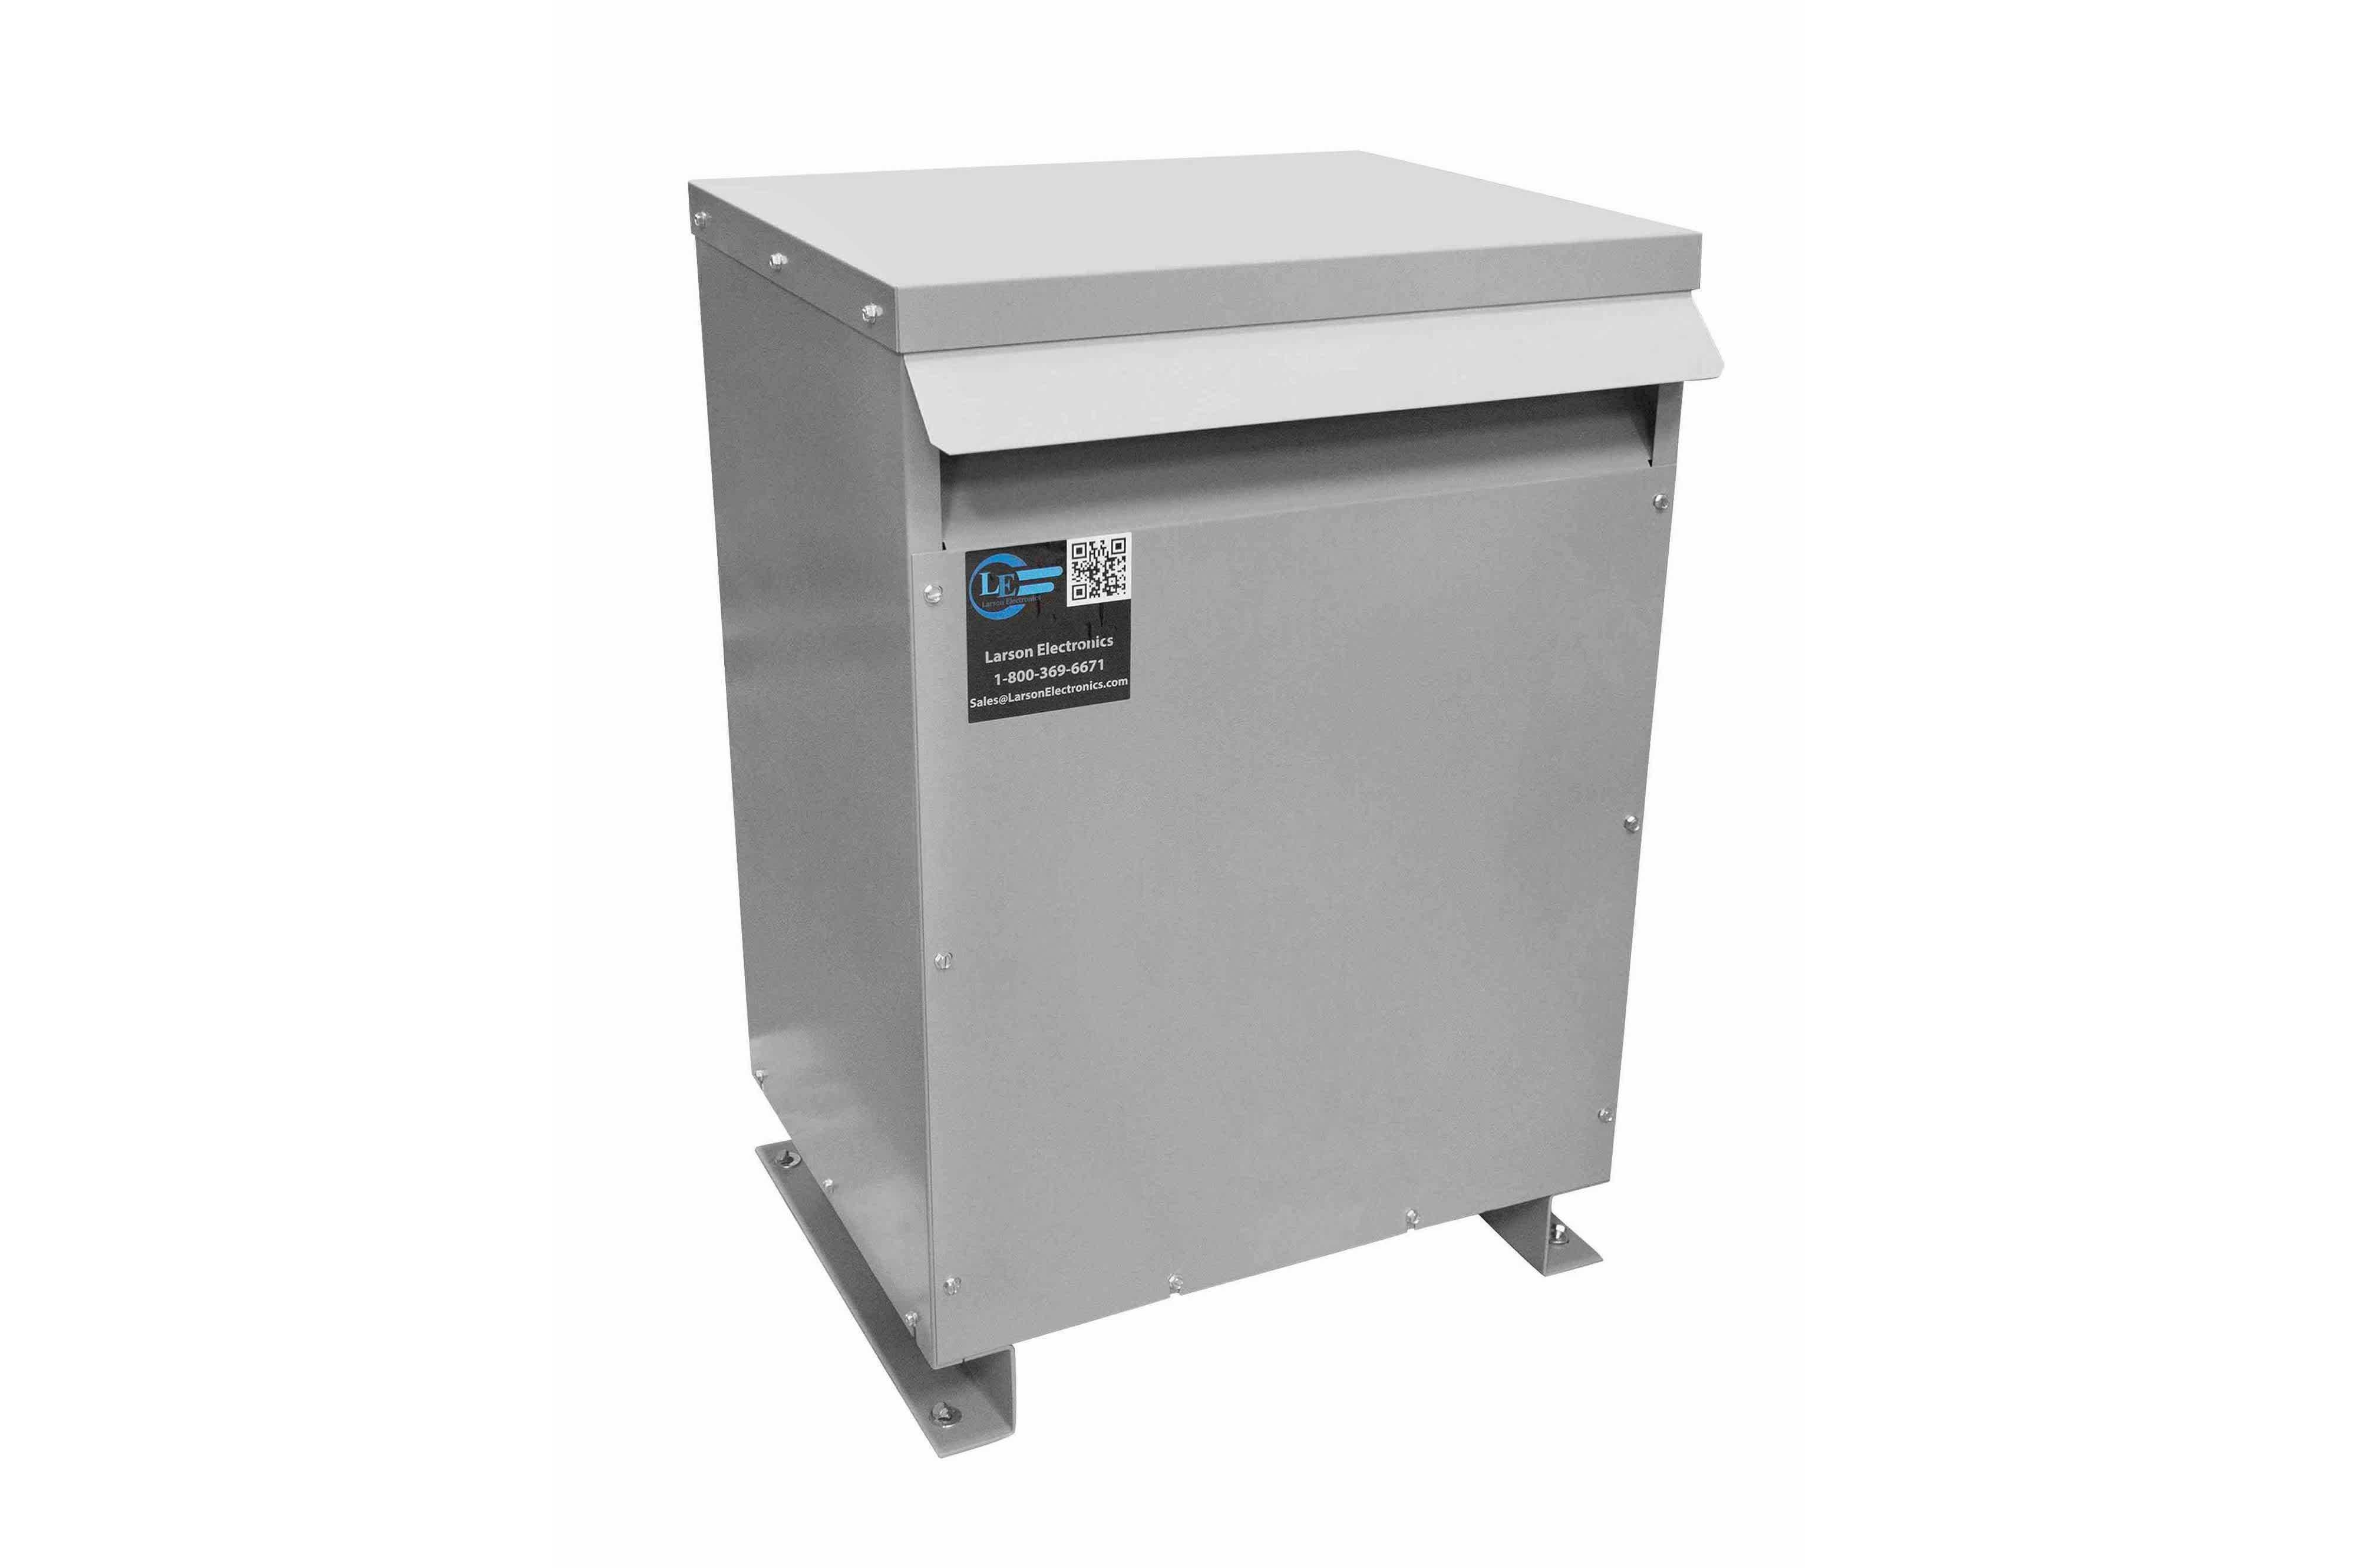 12 kVA 3PH Isolation Transformer, 460V Delta Primary, 380V Delta Secondary, N3R, Ventilated, 60 Hz